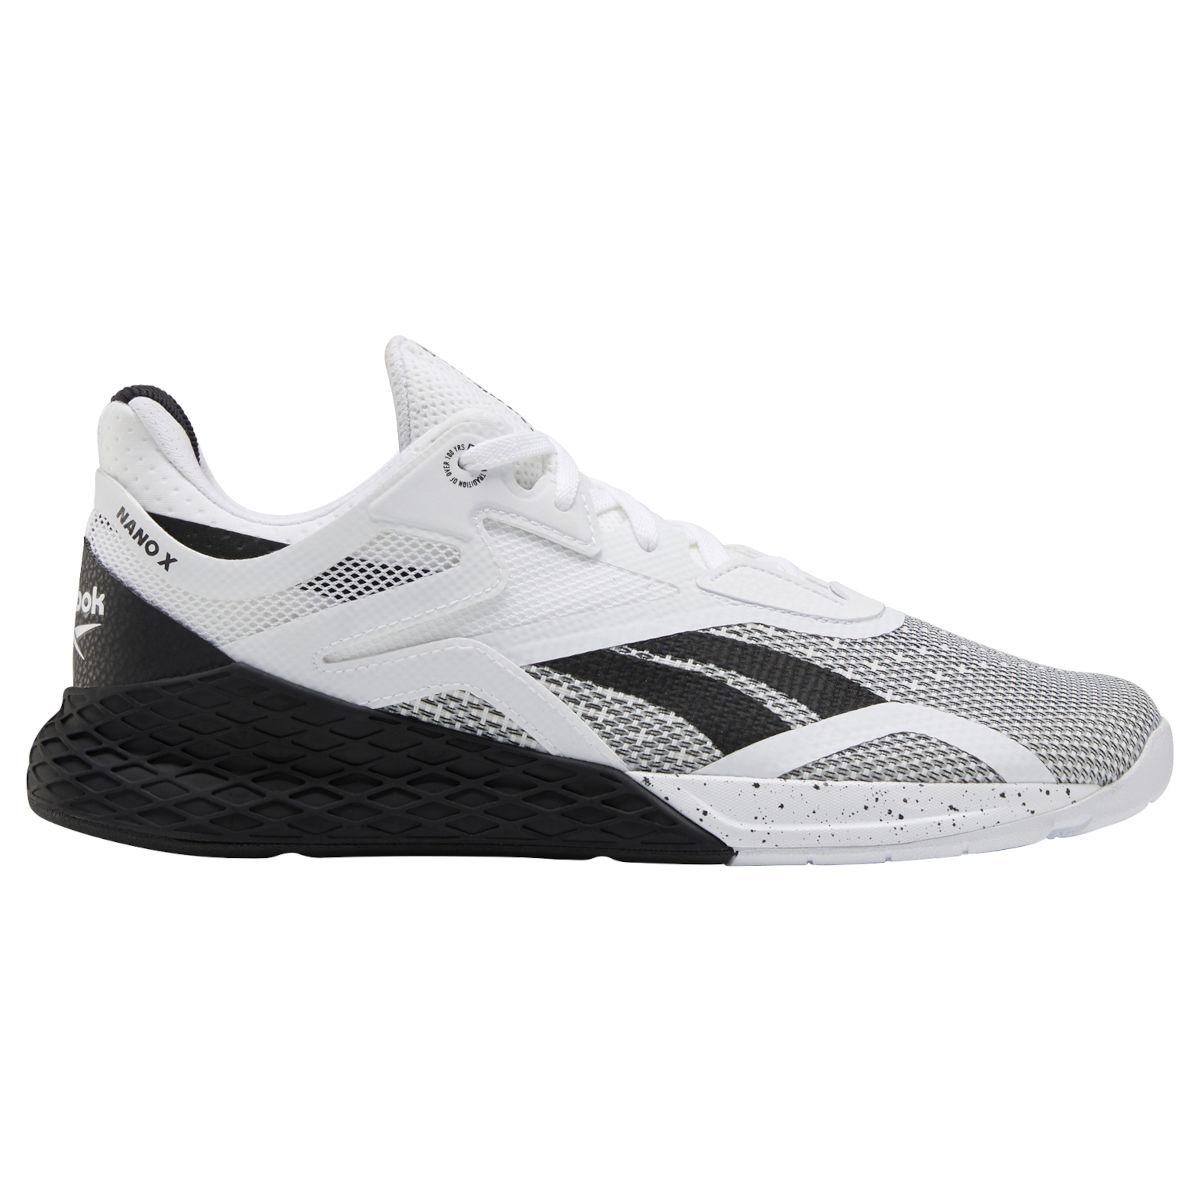 Reebok Männer Nano X Fitness-Schuh - black/white/white EH3094